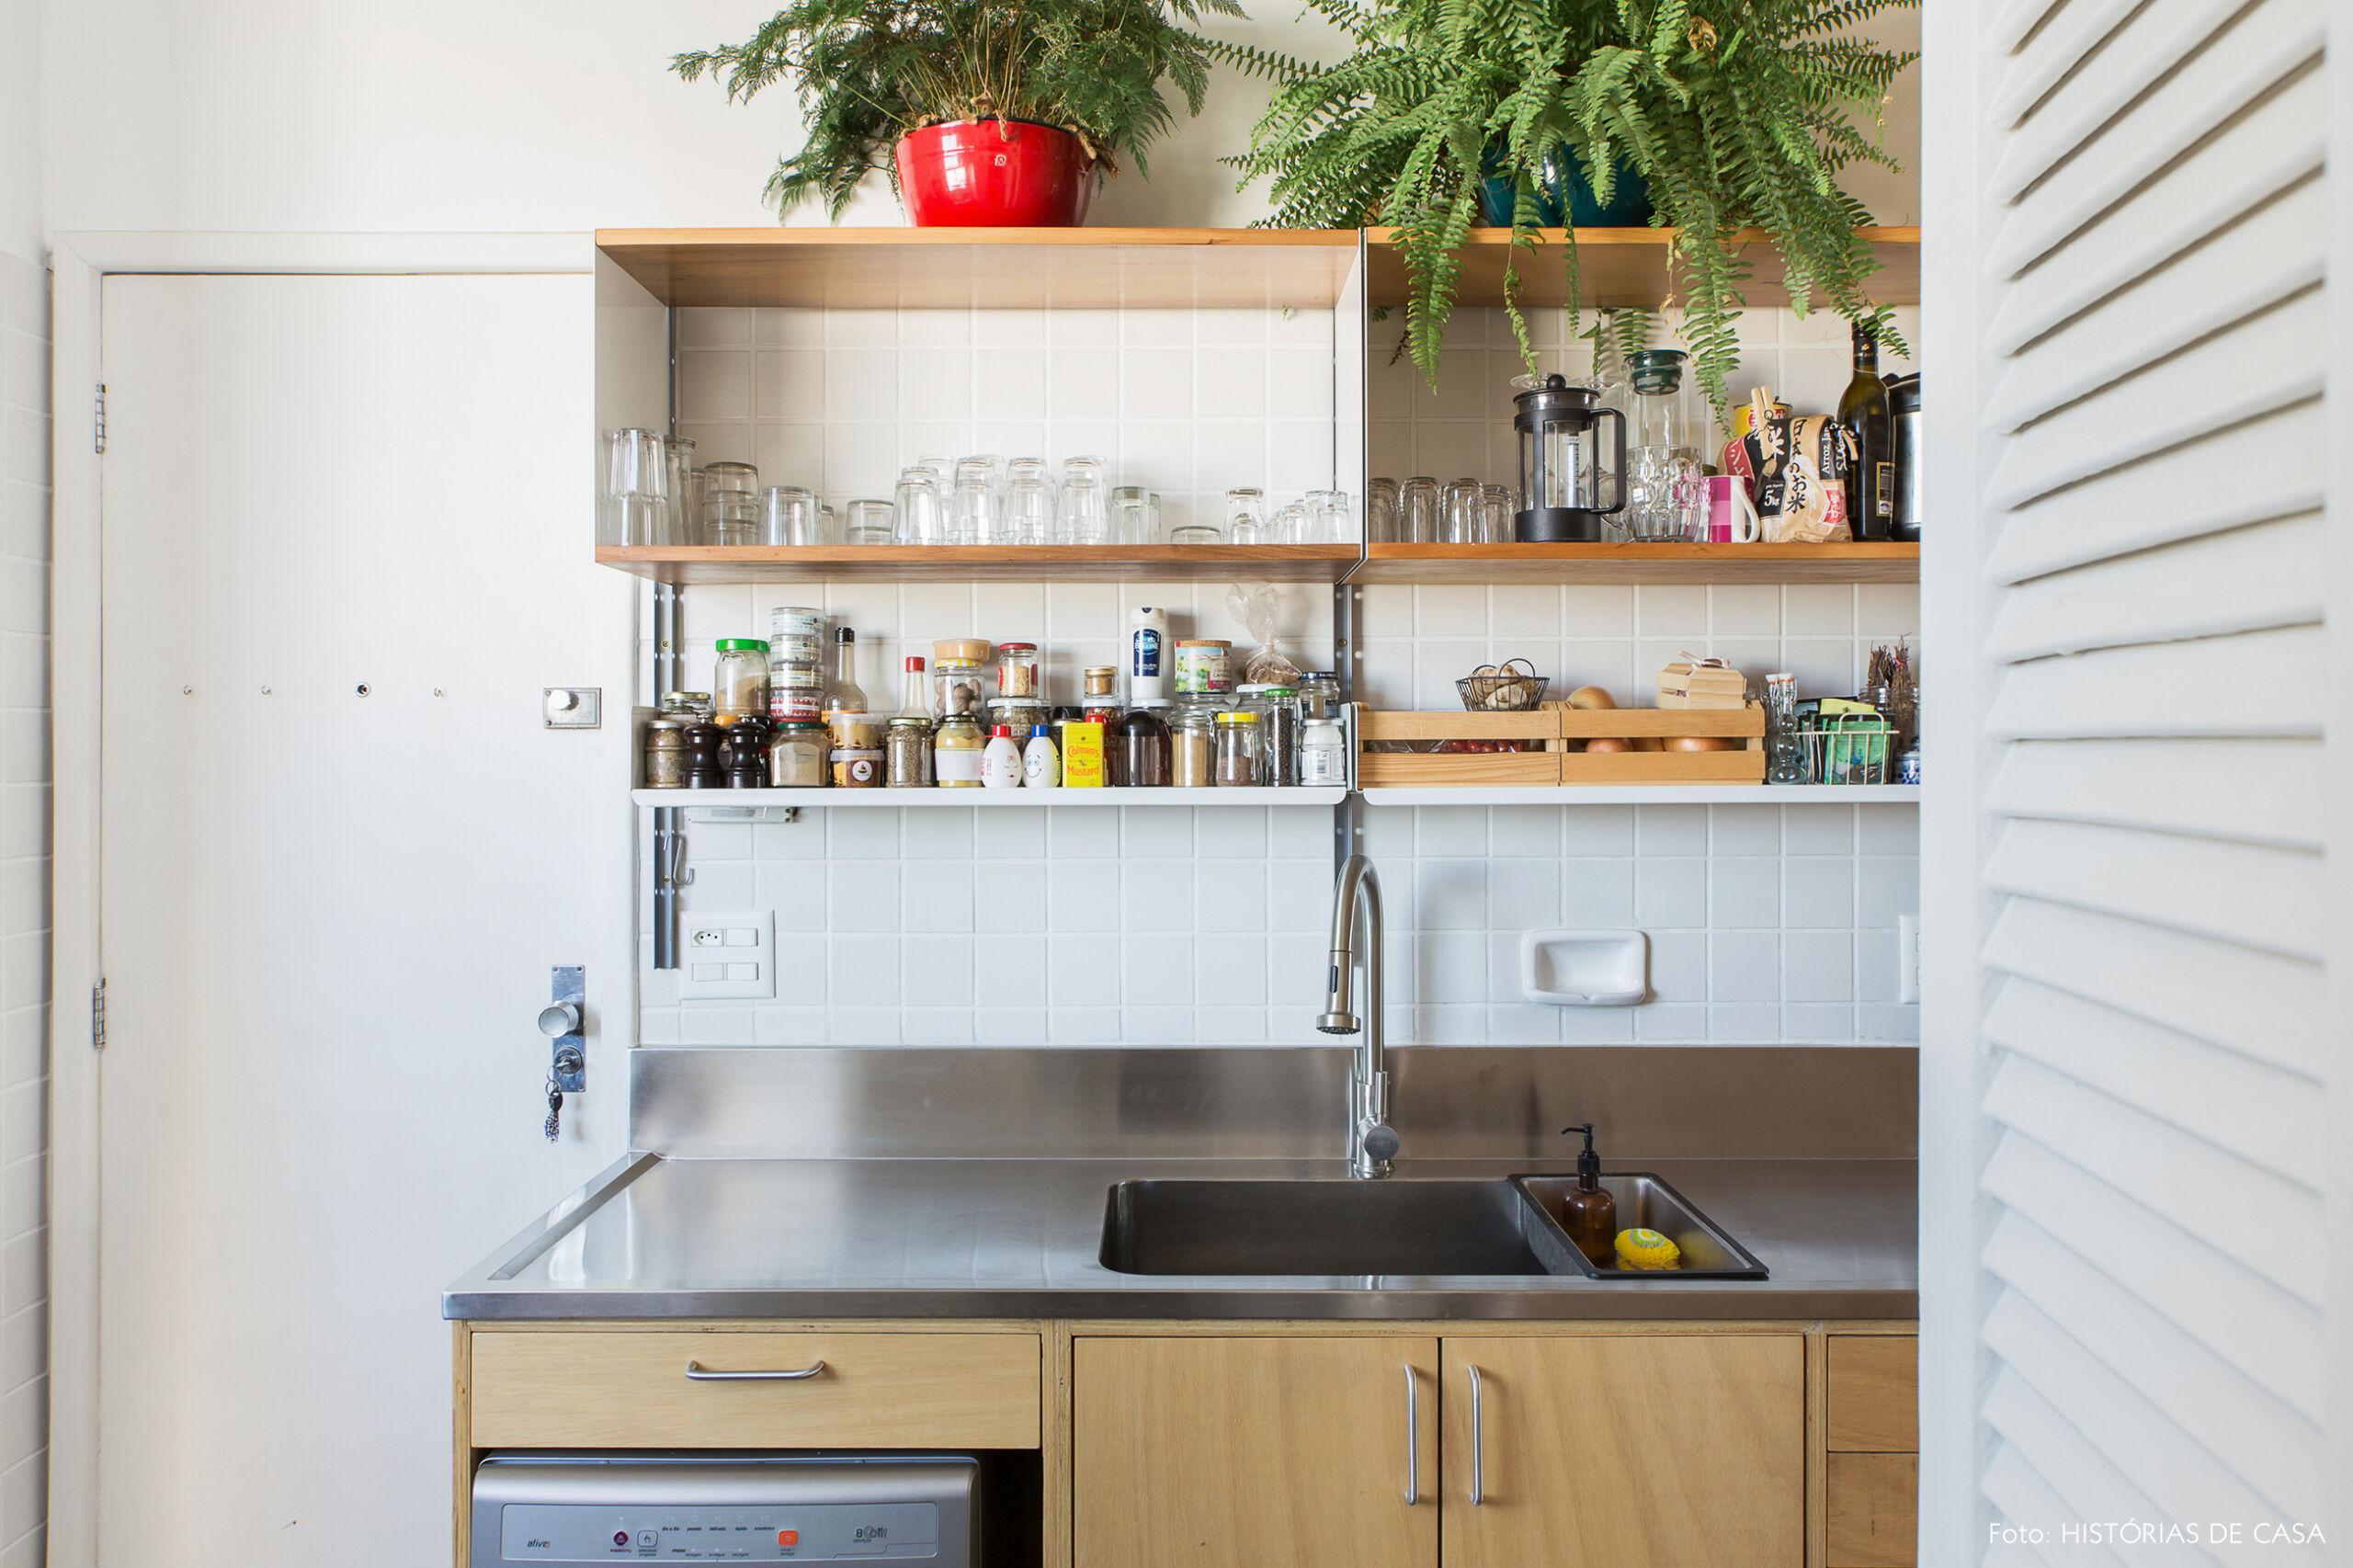 Cozinha com nichos abertos e bancada de aço inox